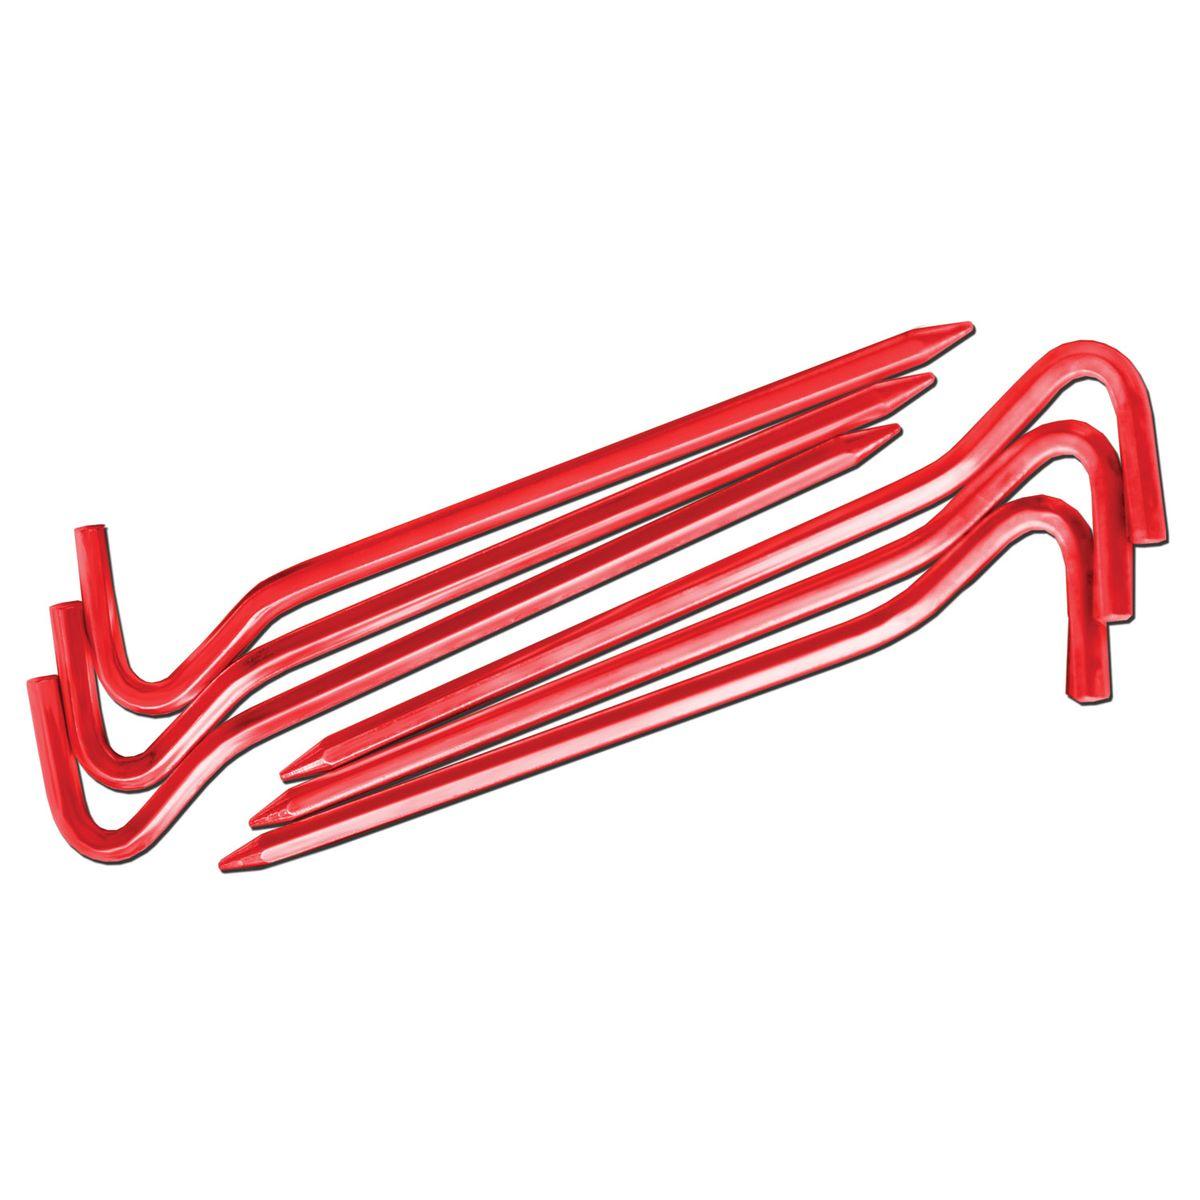 Комплект колышков шестигранных Nova Tour v2, цвет: красный металлик, 10 шт67742Легкие и прочные колышки Nova Tour v2 предназначены для установки палатки. Яркие, не теряются в траве. Изготовлены из алюминиевого сплава. В комплекте 10 шестигранных колышков усиленной прочности